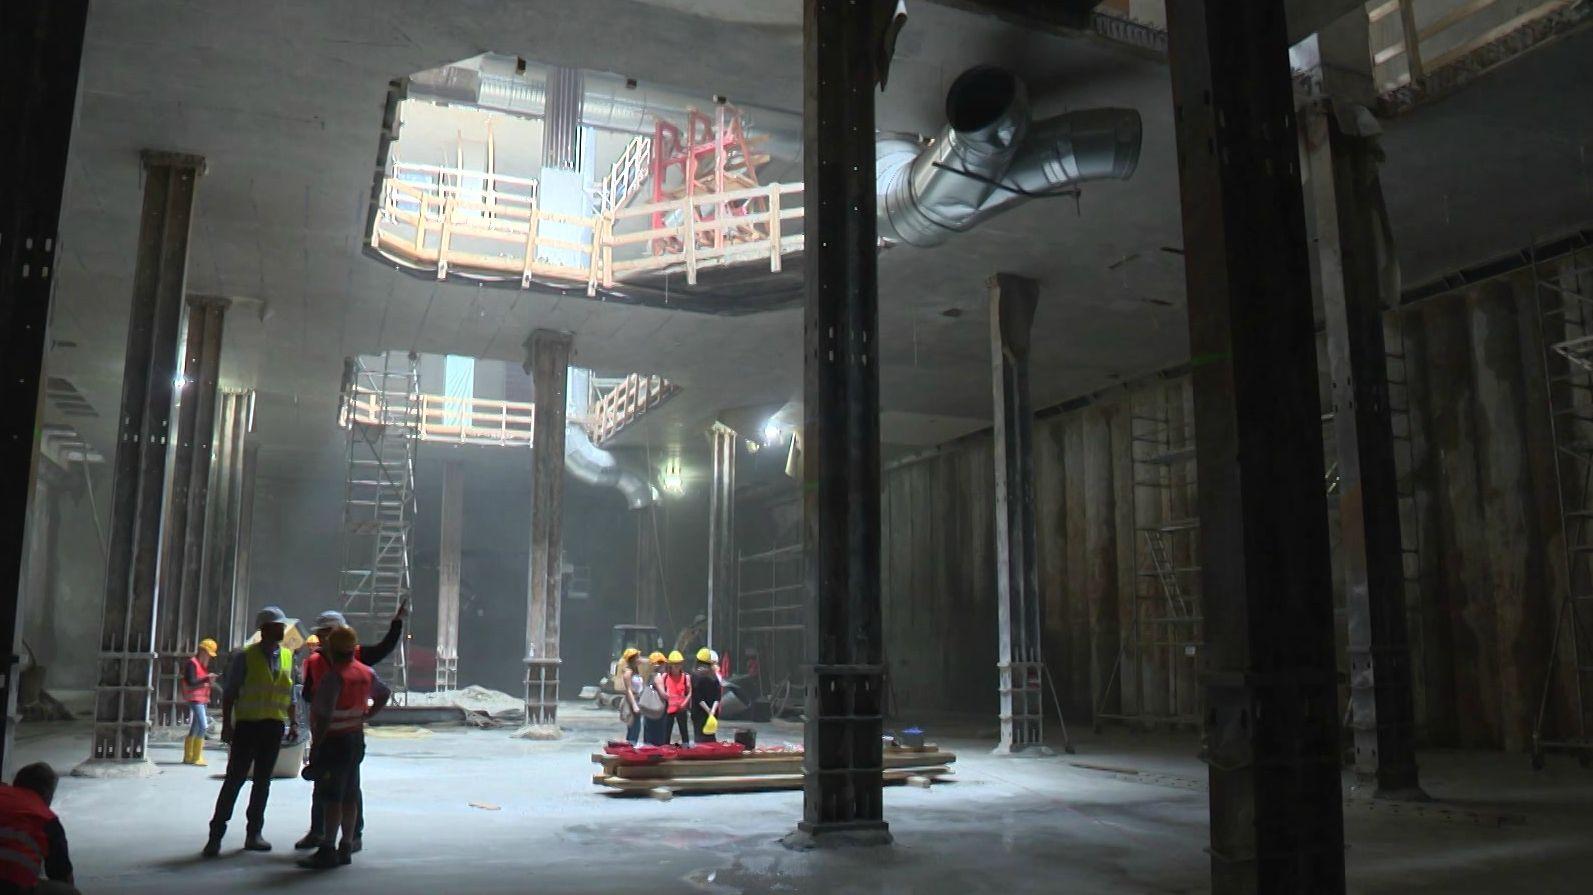 Germanisches Nationalmuseum: Mit 21 Metern hat die Baugrube für das neue Tiefdepot des GNM ihren tiefsten Punkt erreicht.